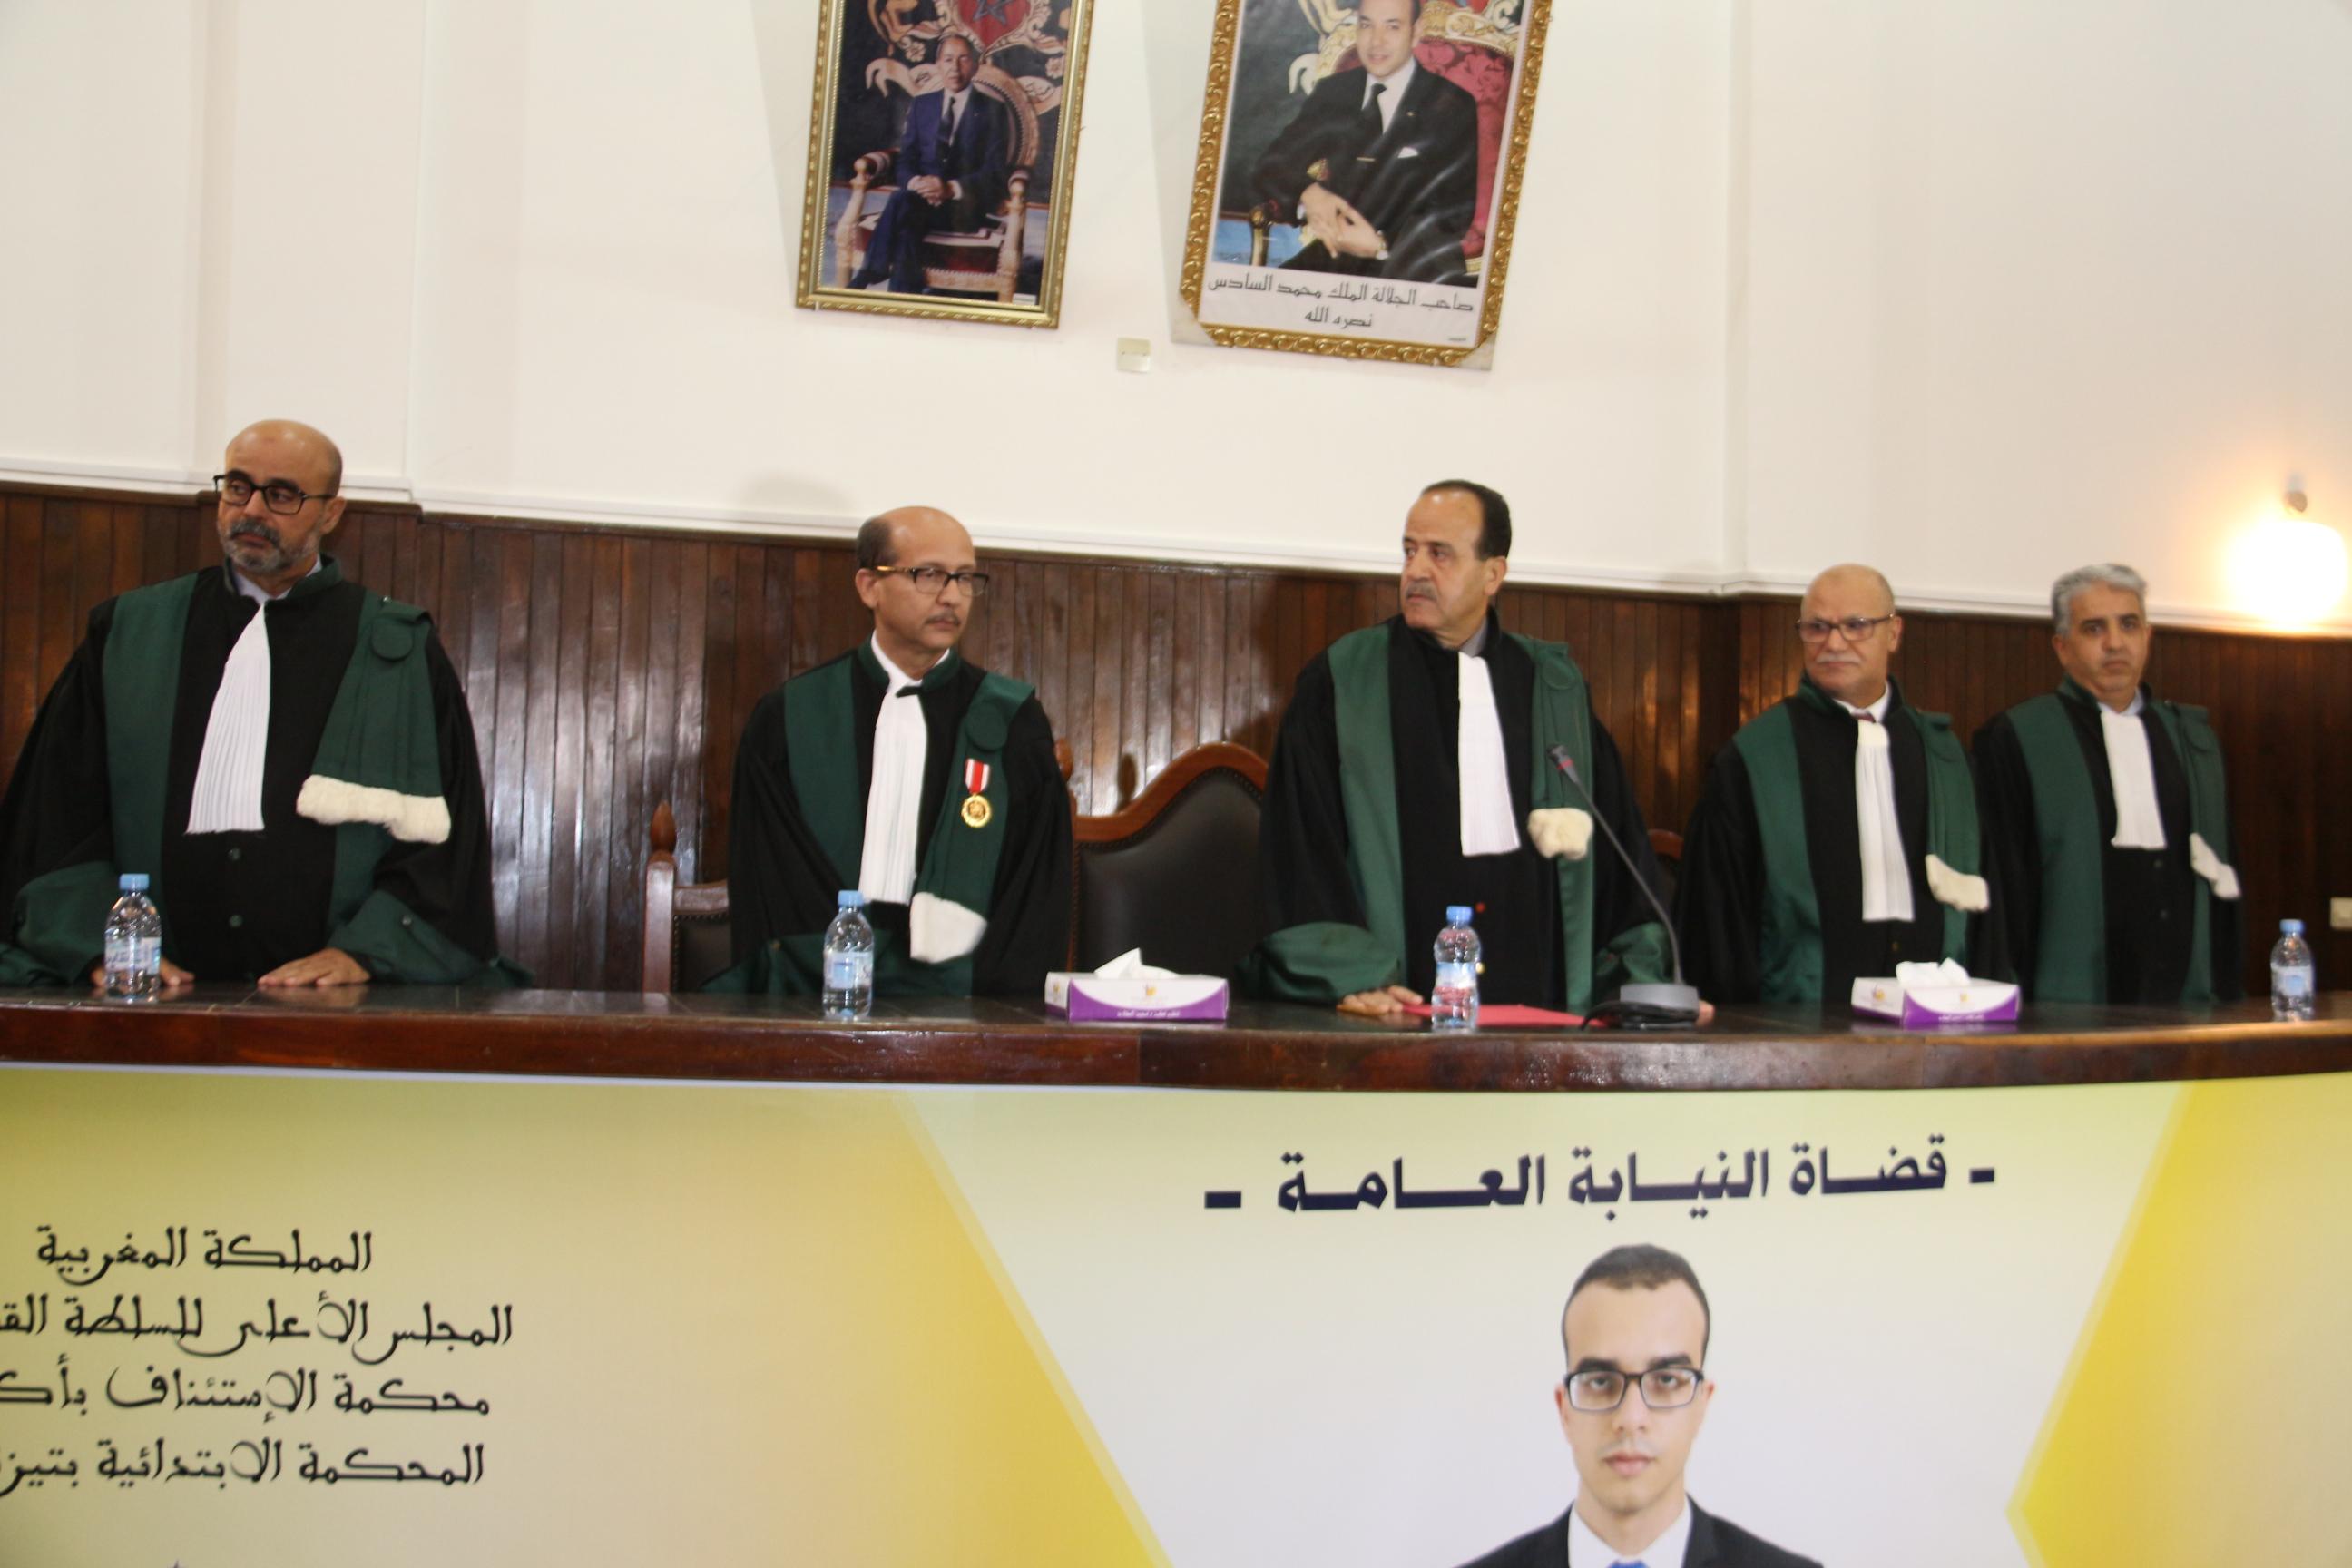 بالصور : تنصيب المصطفى العوينا نائبا جديدا لوكيل الملك بمحكمة تيزنيت